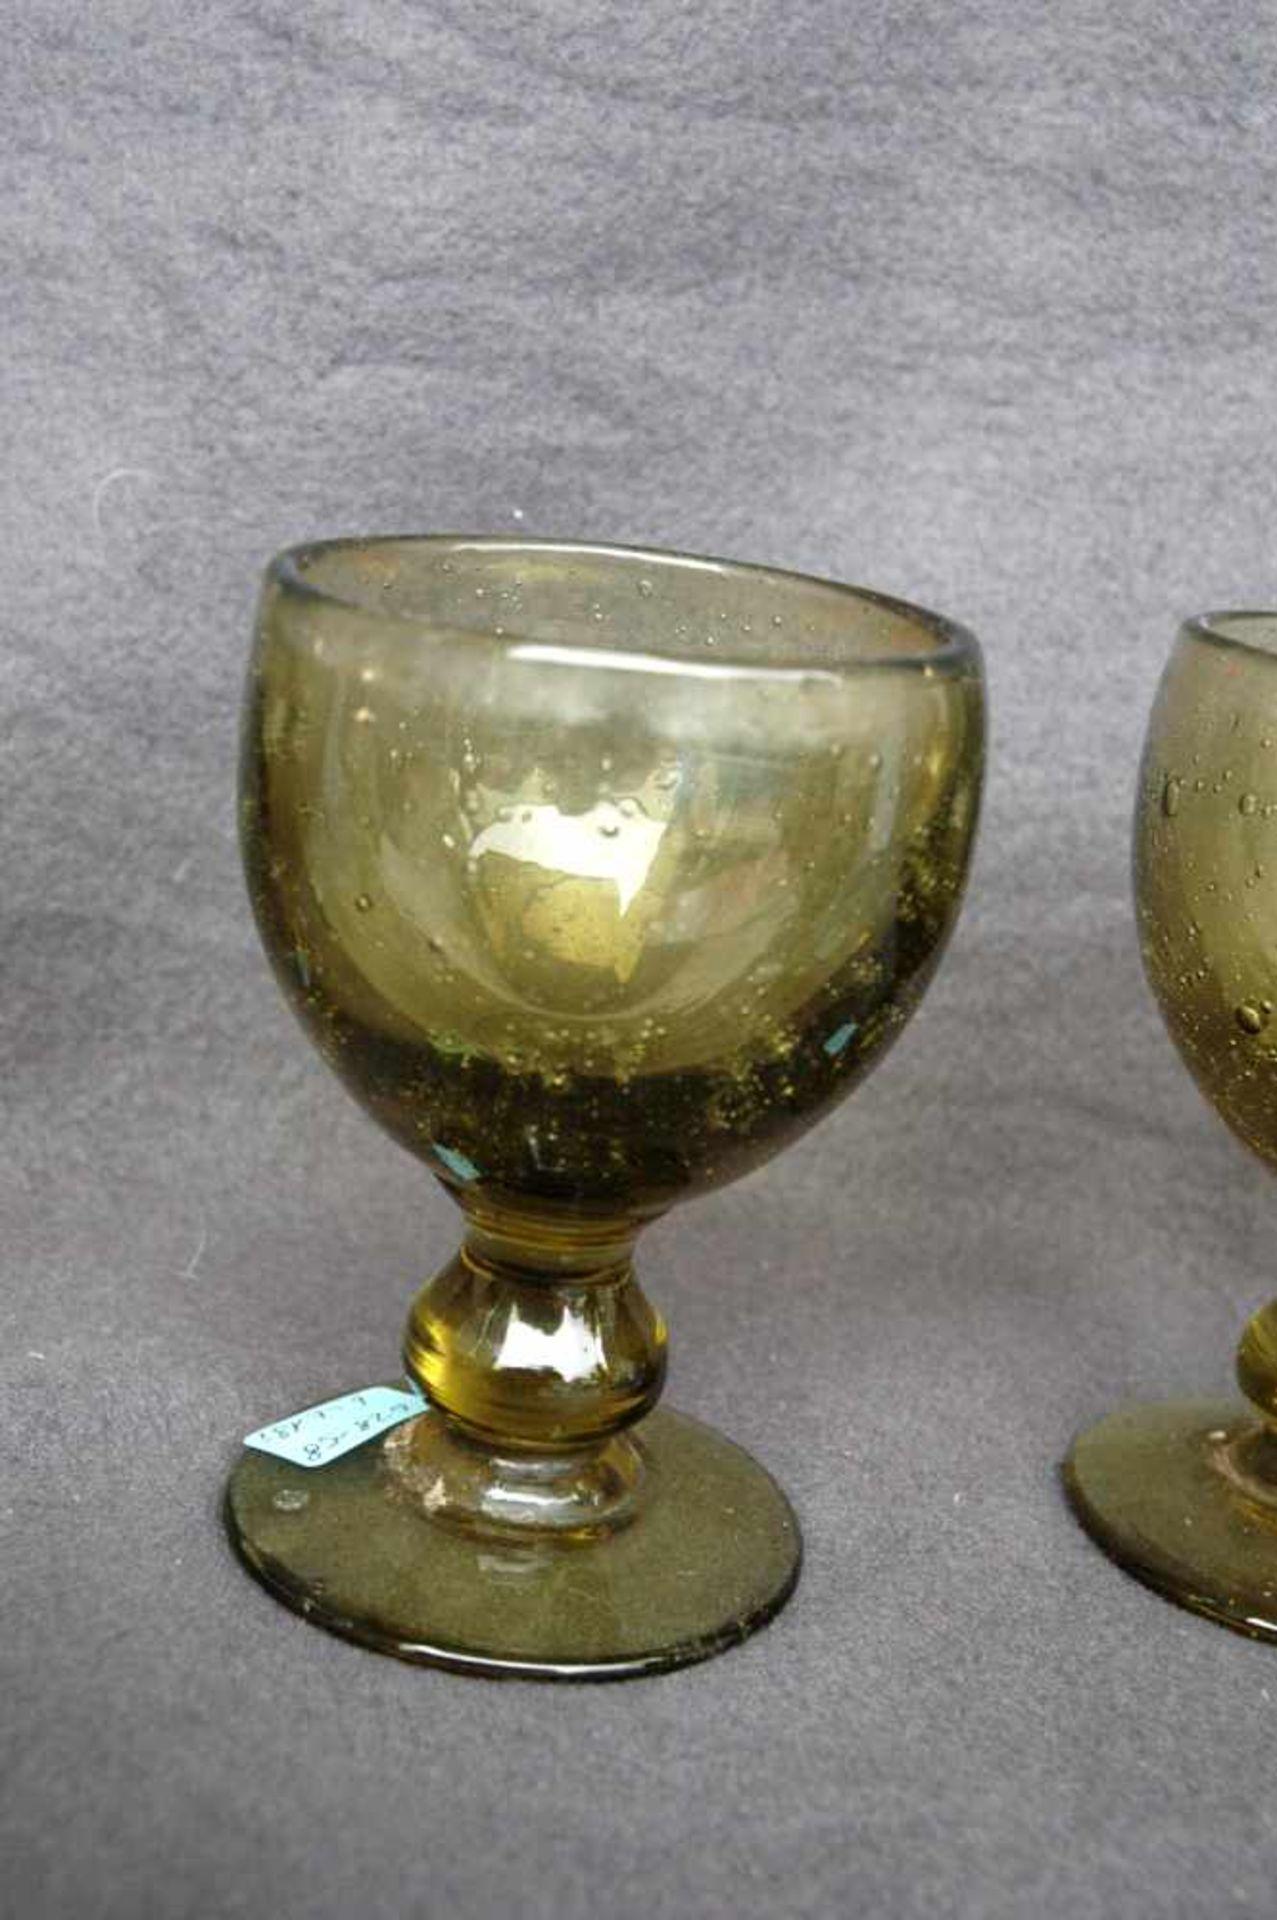 6 Weingläser, gelb-grünliches Glas mit Lufteinschlüssen, Abriß ausgeschliffen - Bild 3 aus 3